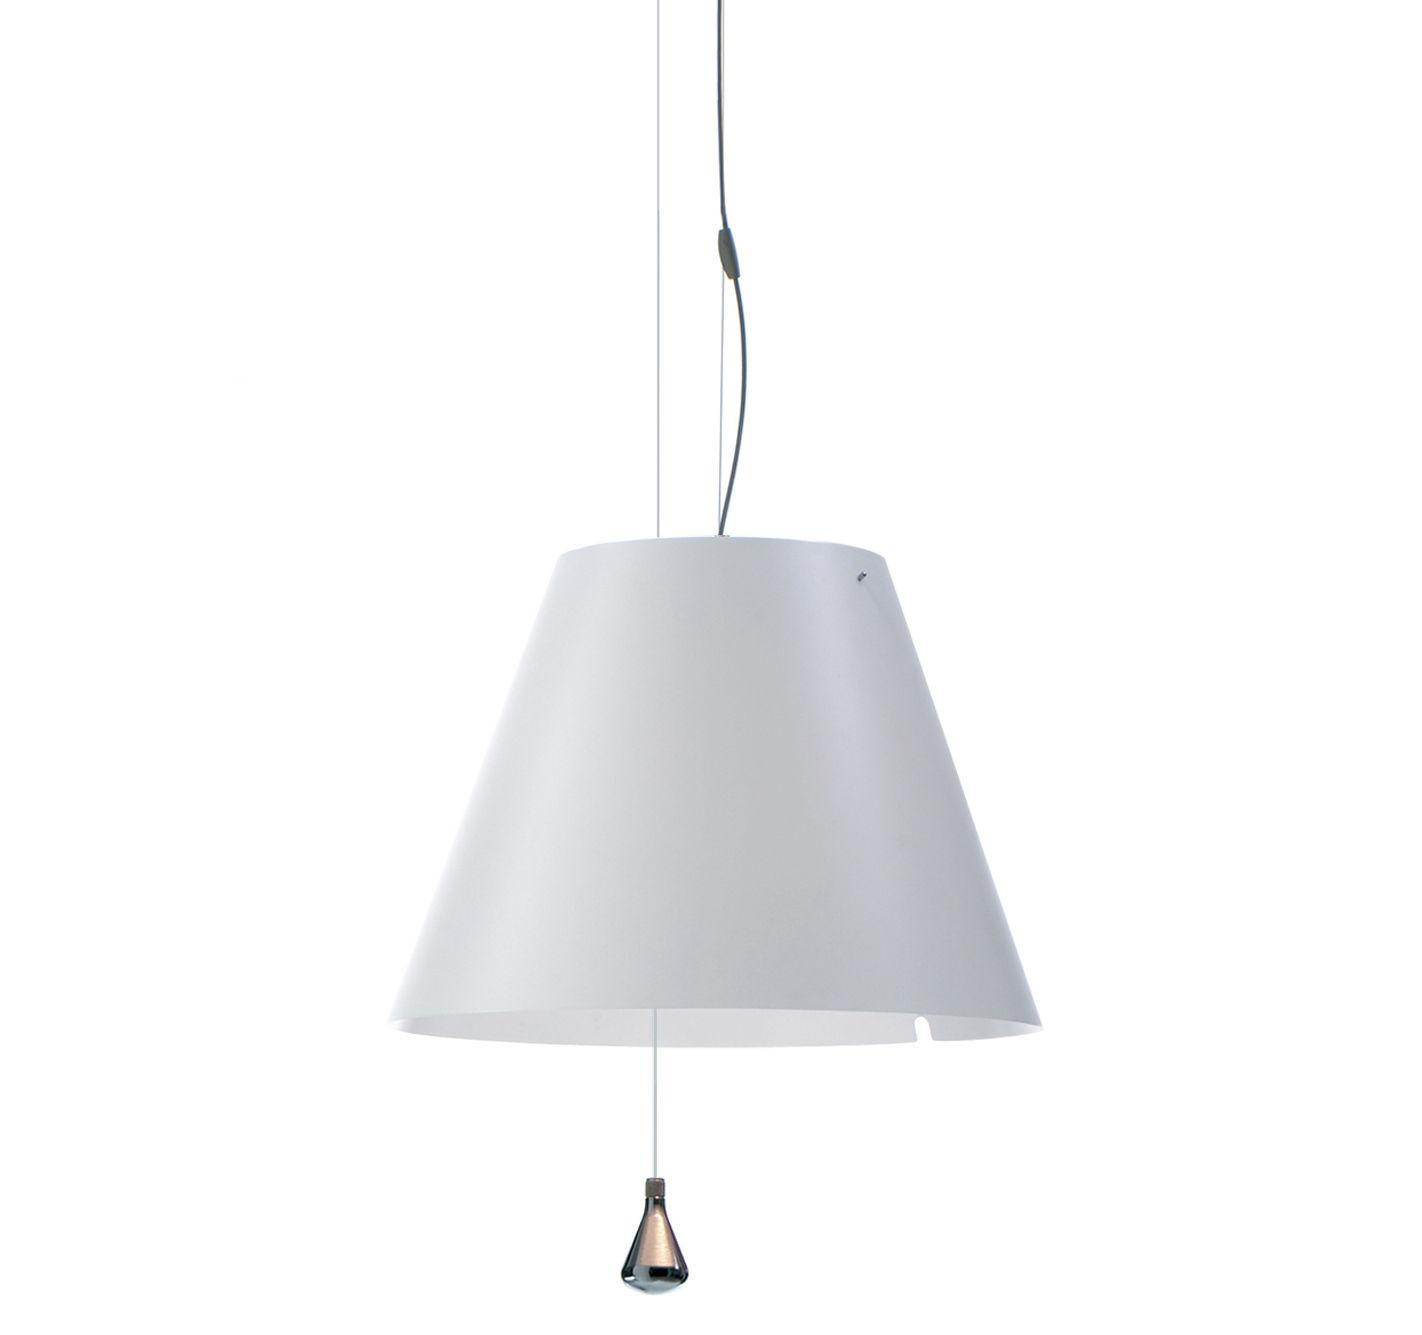 Leuchten - Pendelleuchten - Lady Costanza Pendelleuchte / Ø 50 cm x H 35 cm - Luceplan - Weiß - Polykarbonat